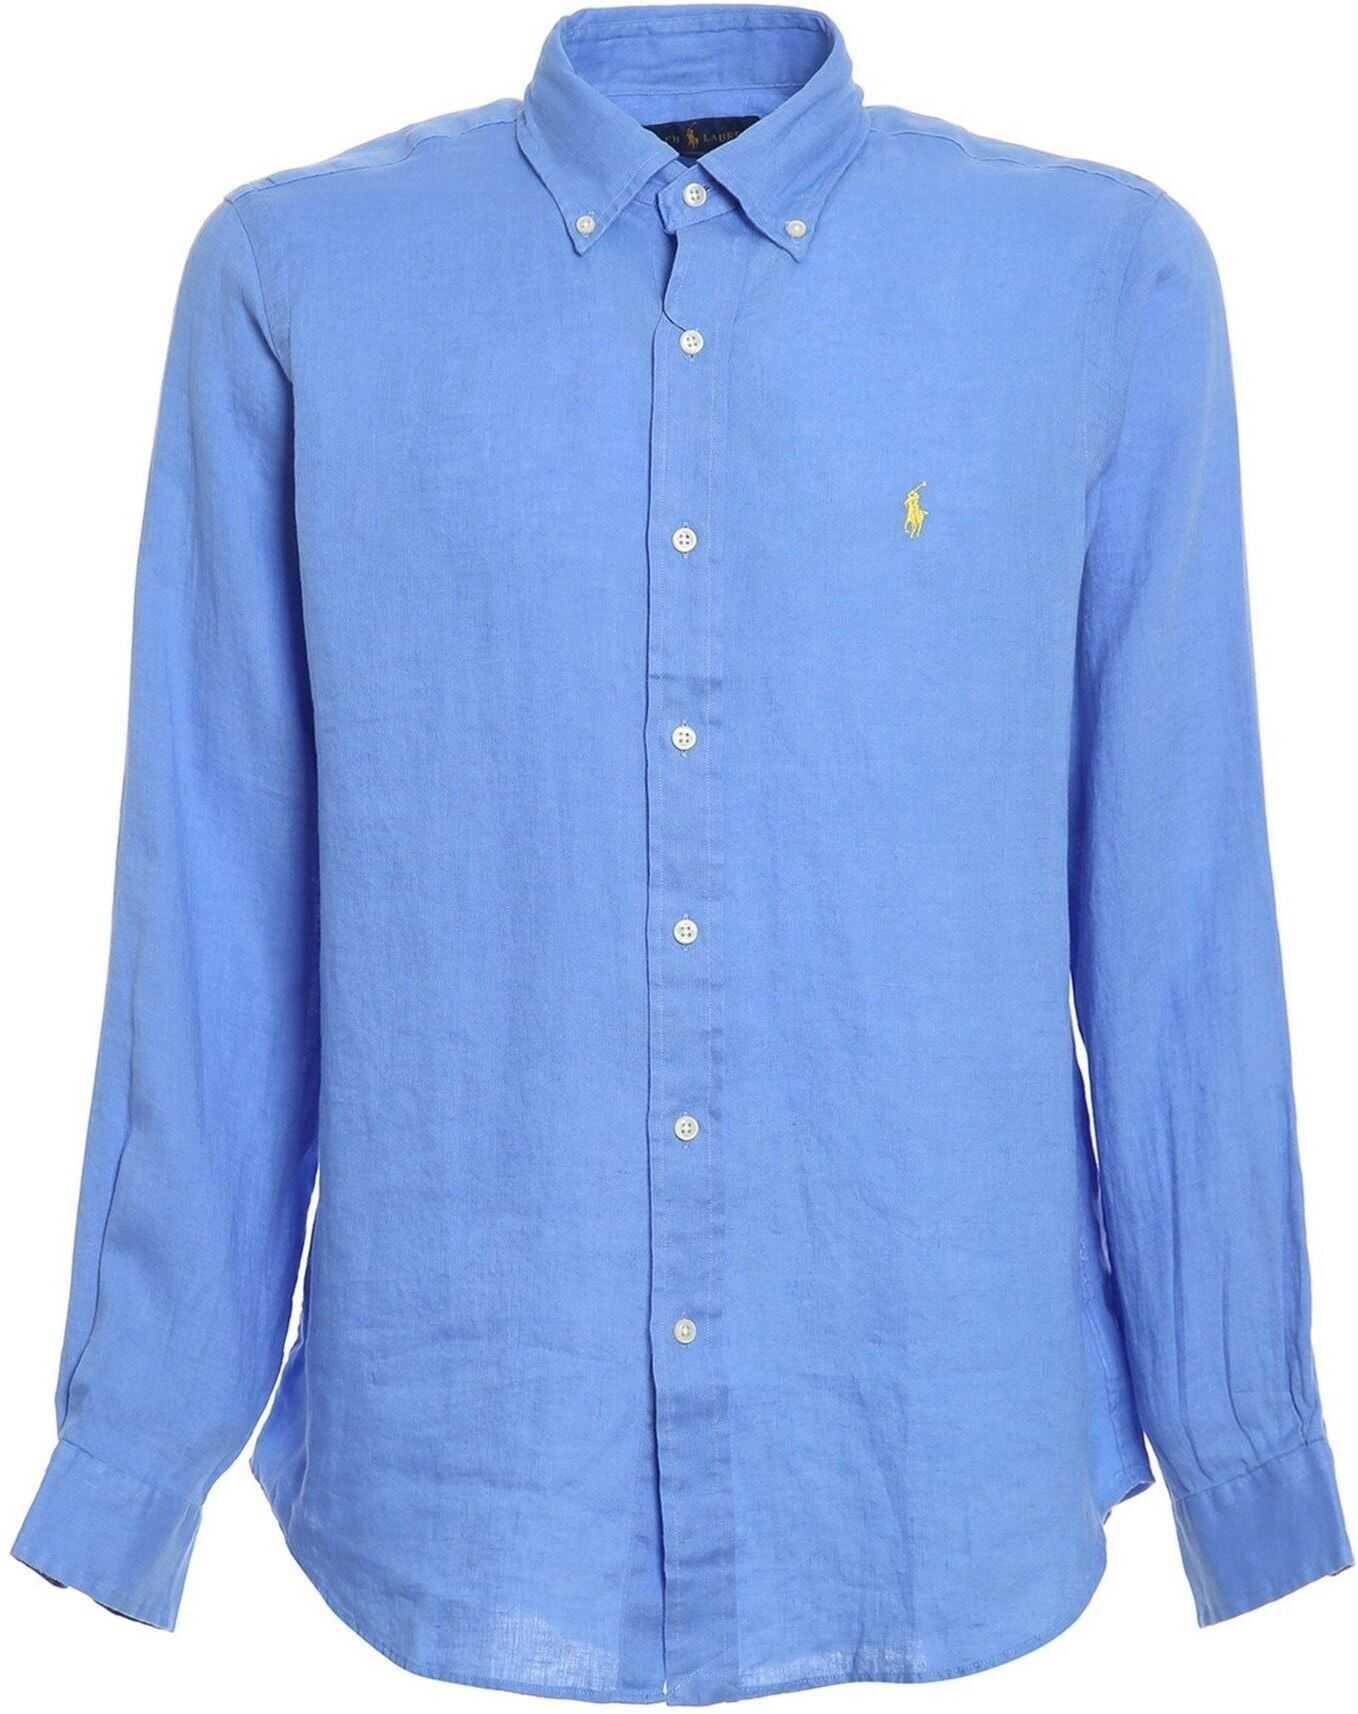 Ralph Lauren Linen Shirt In Light Blue Light Blue imagine